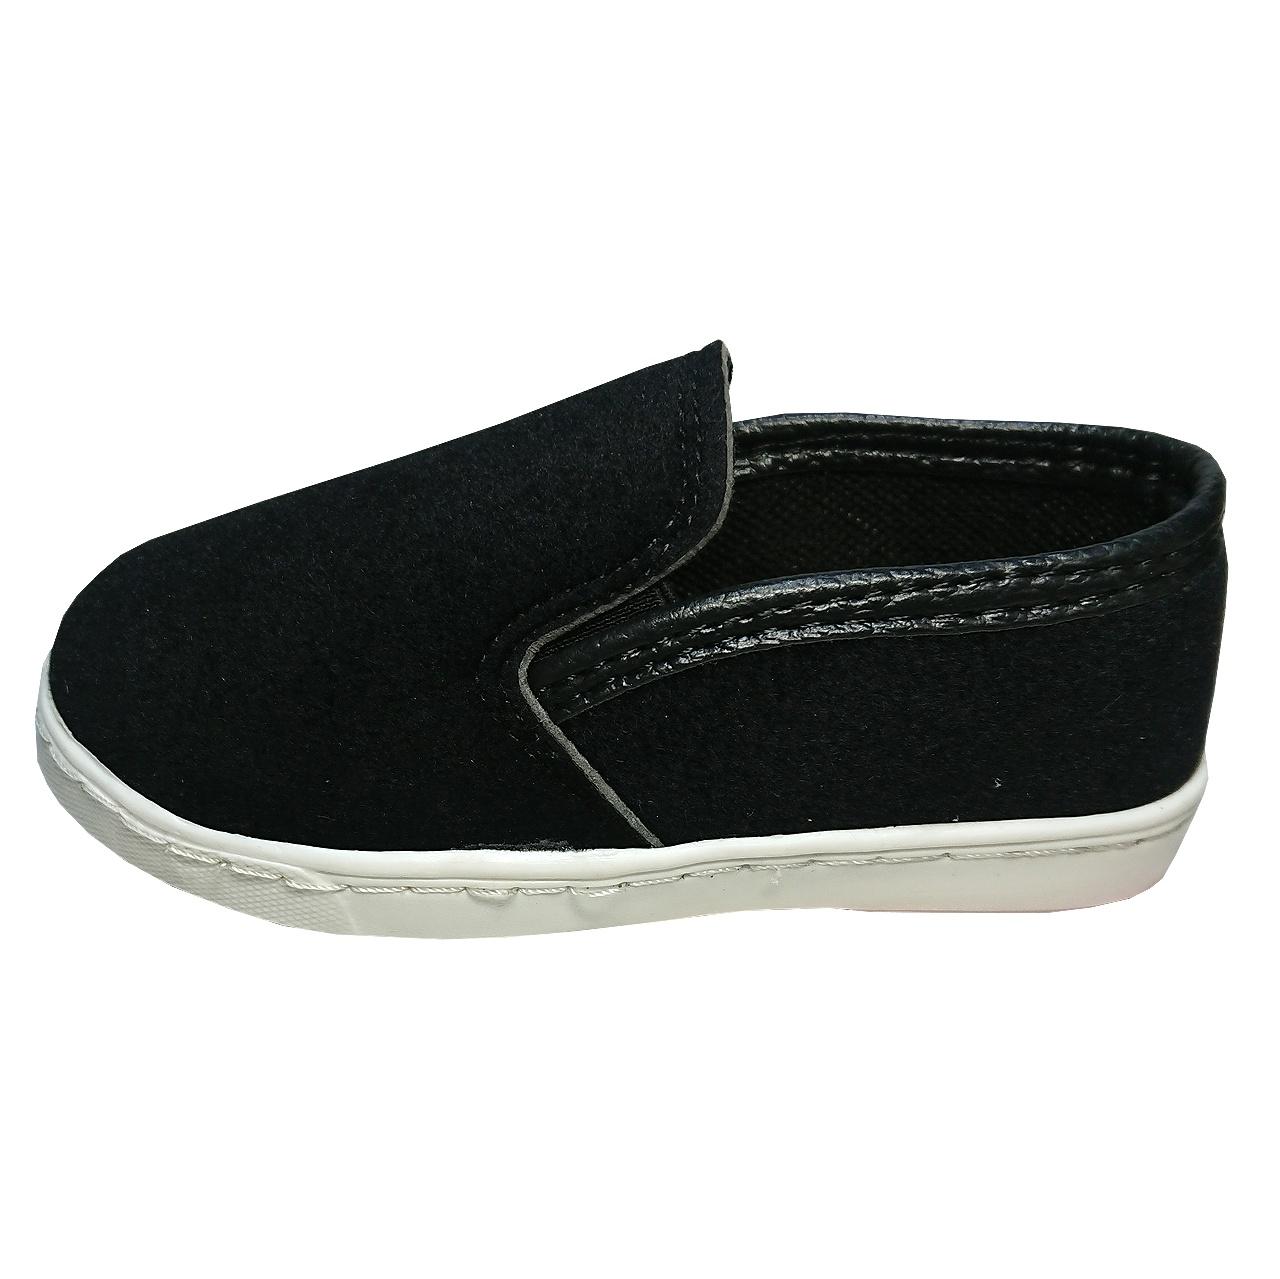 کفش پسرانه کد 05